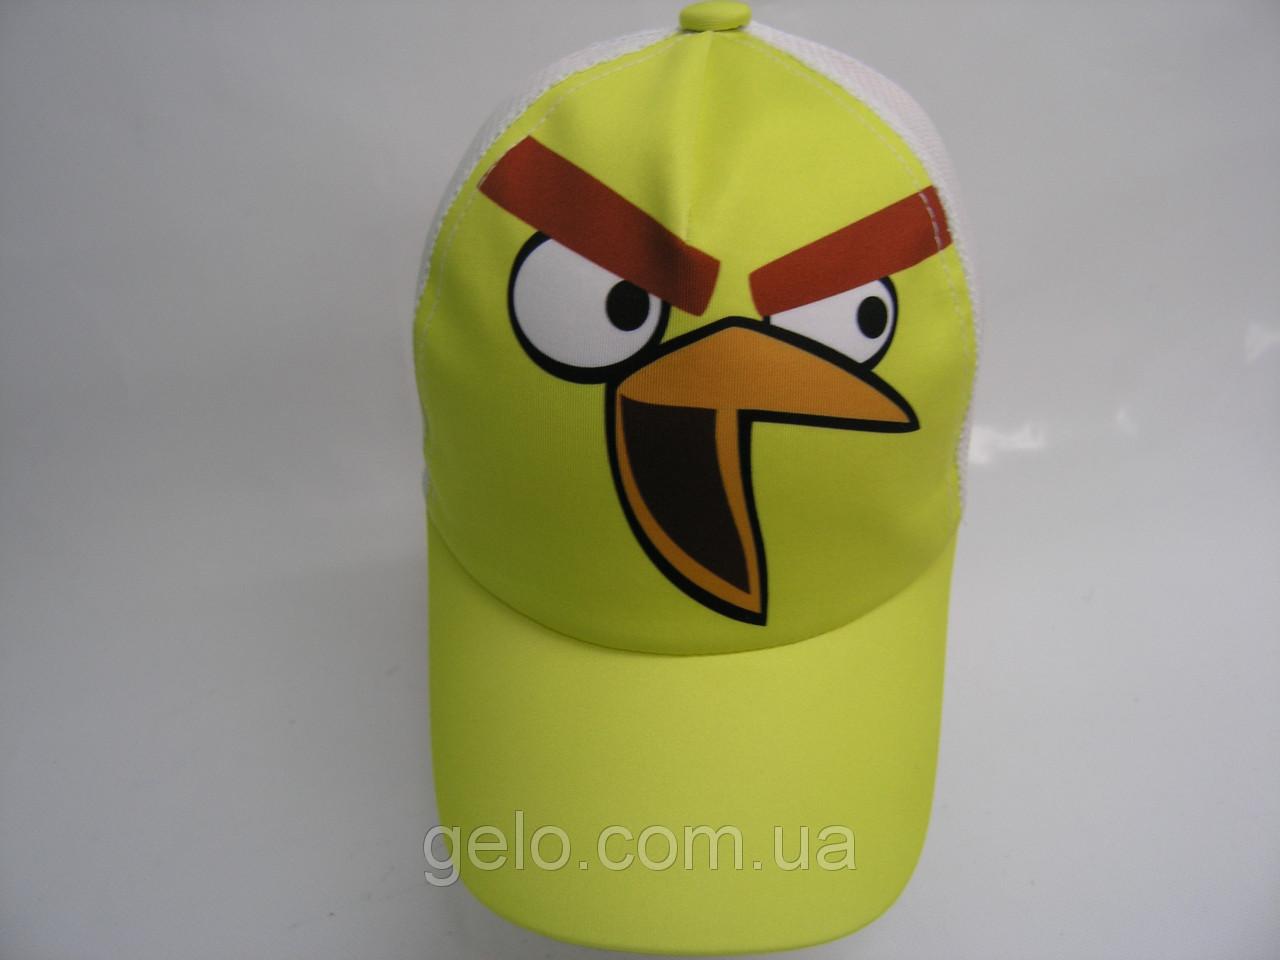 Кепка сетка - птица желтая